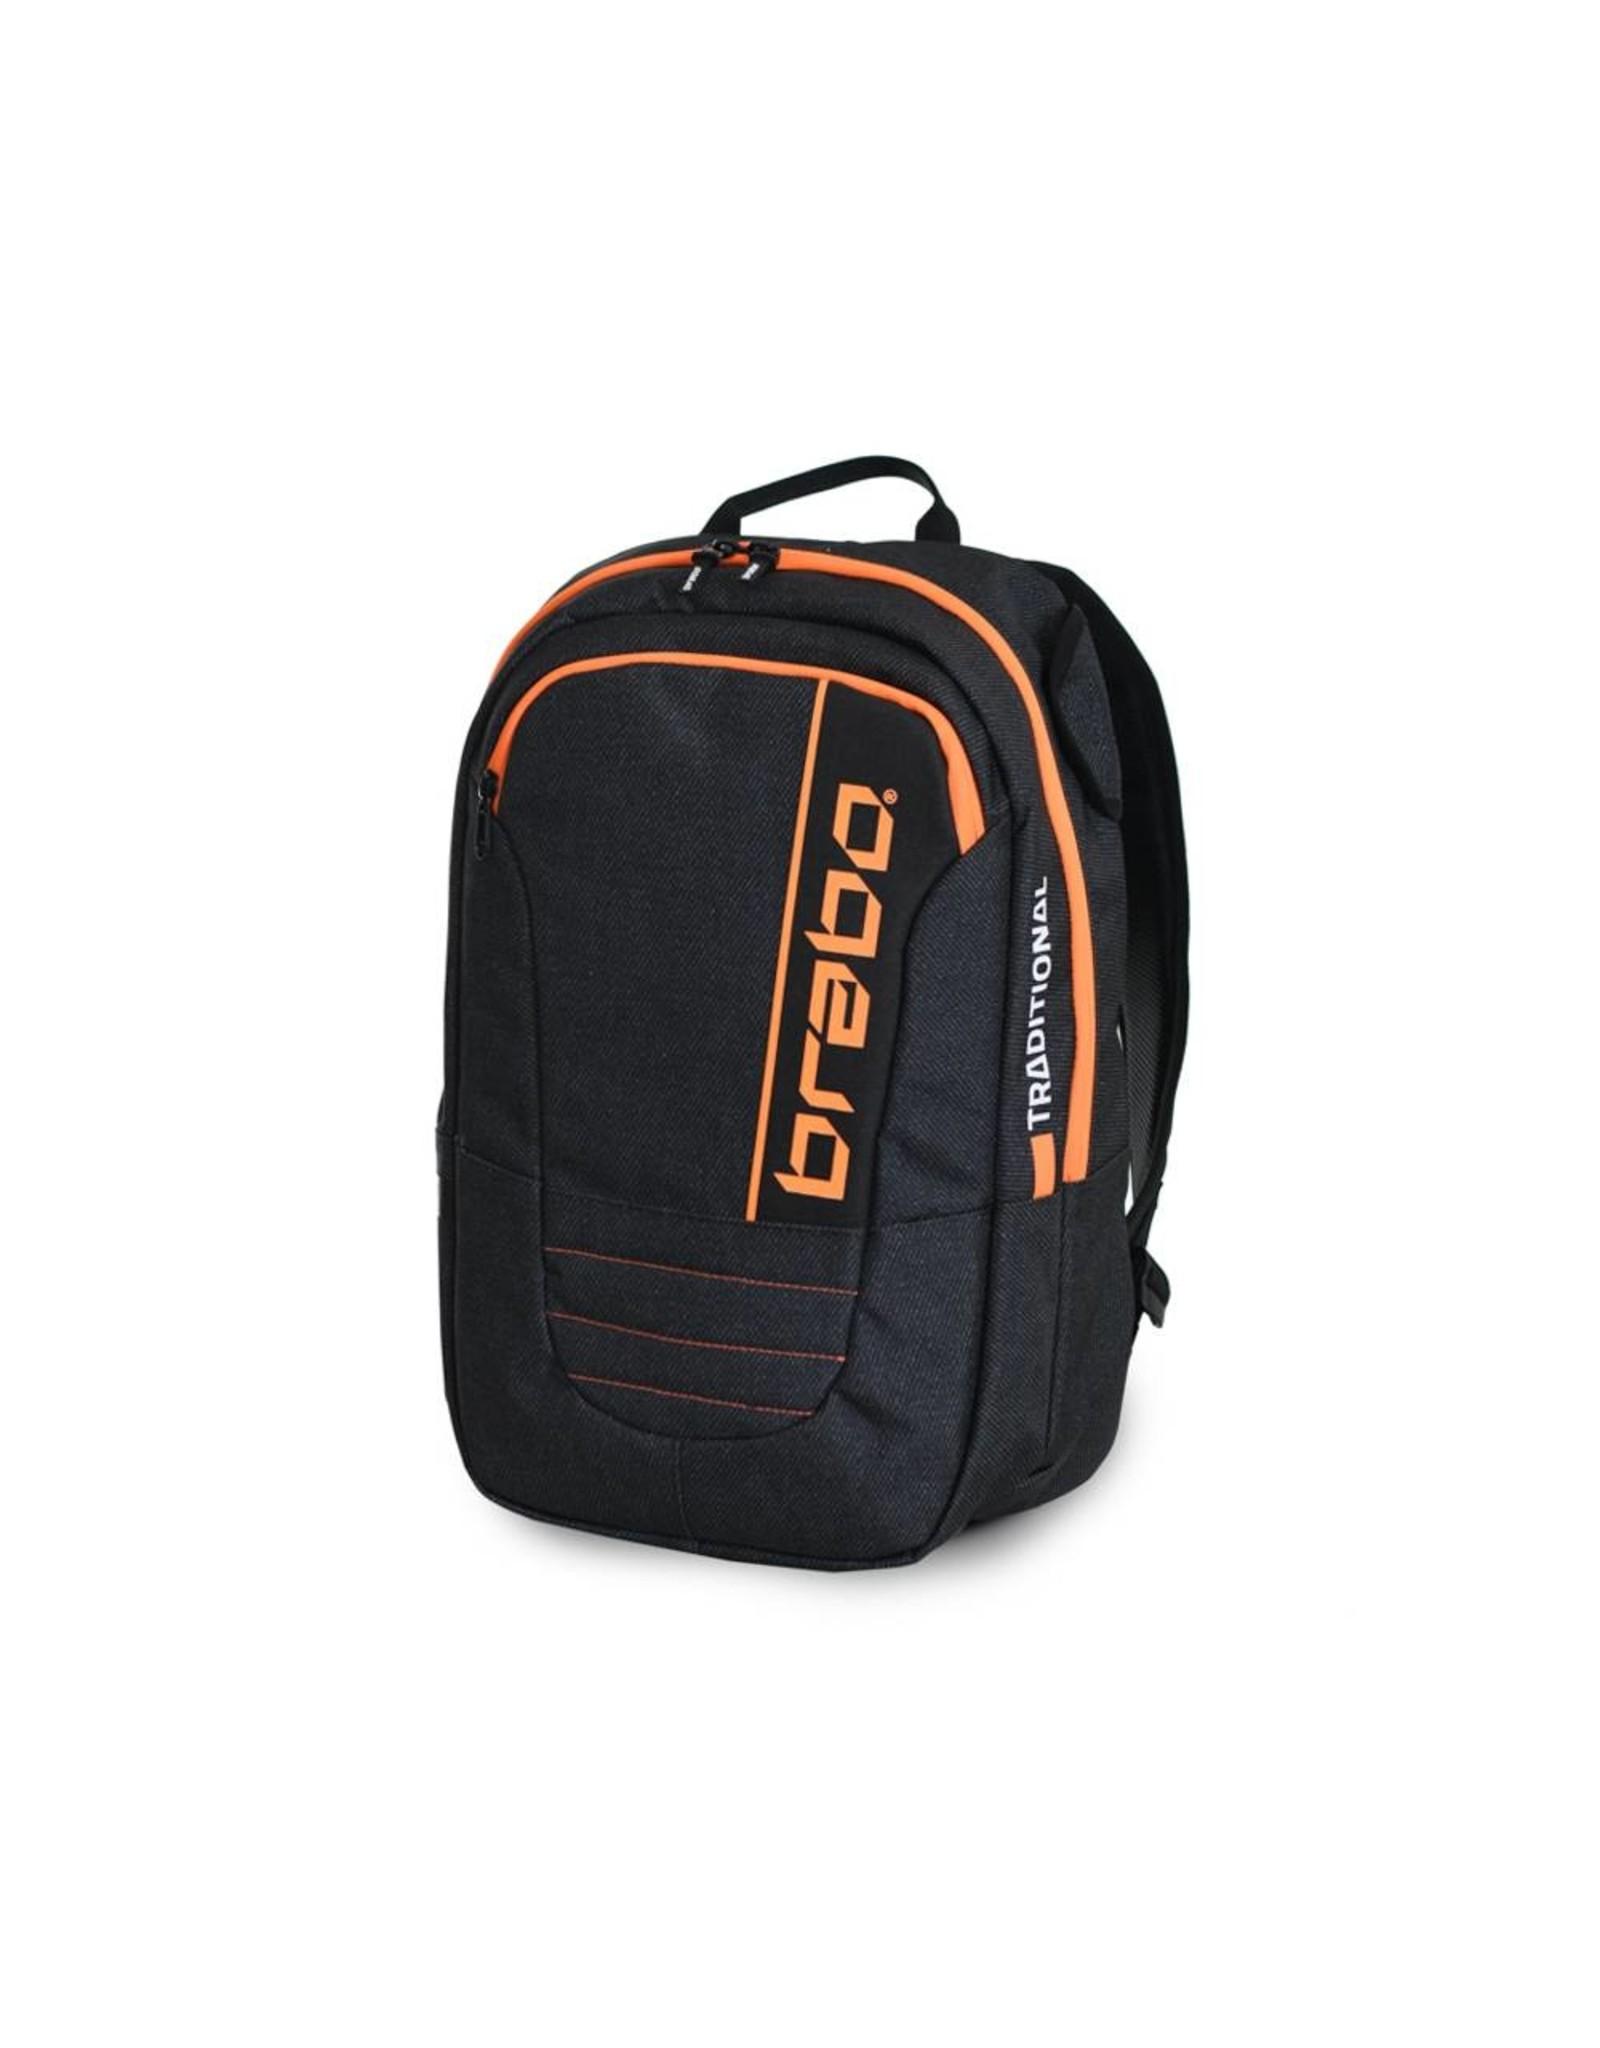 Brabo Backpack SR Traditional Denim